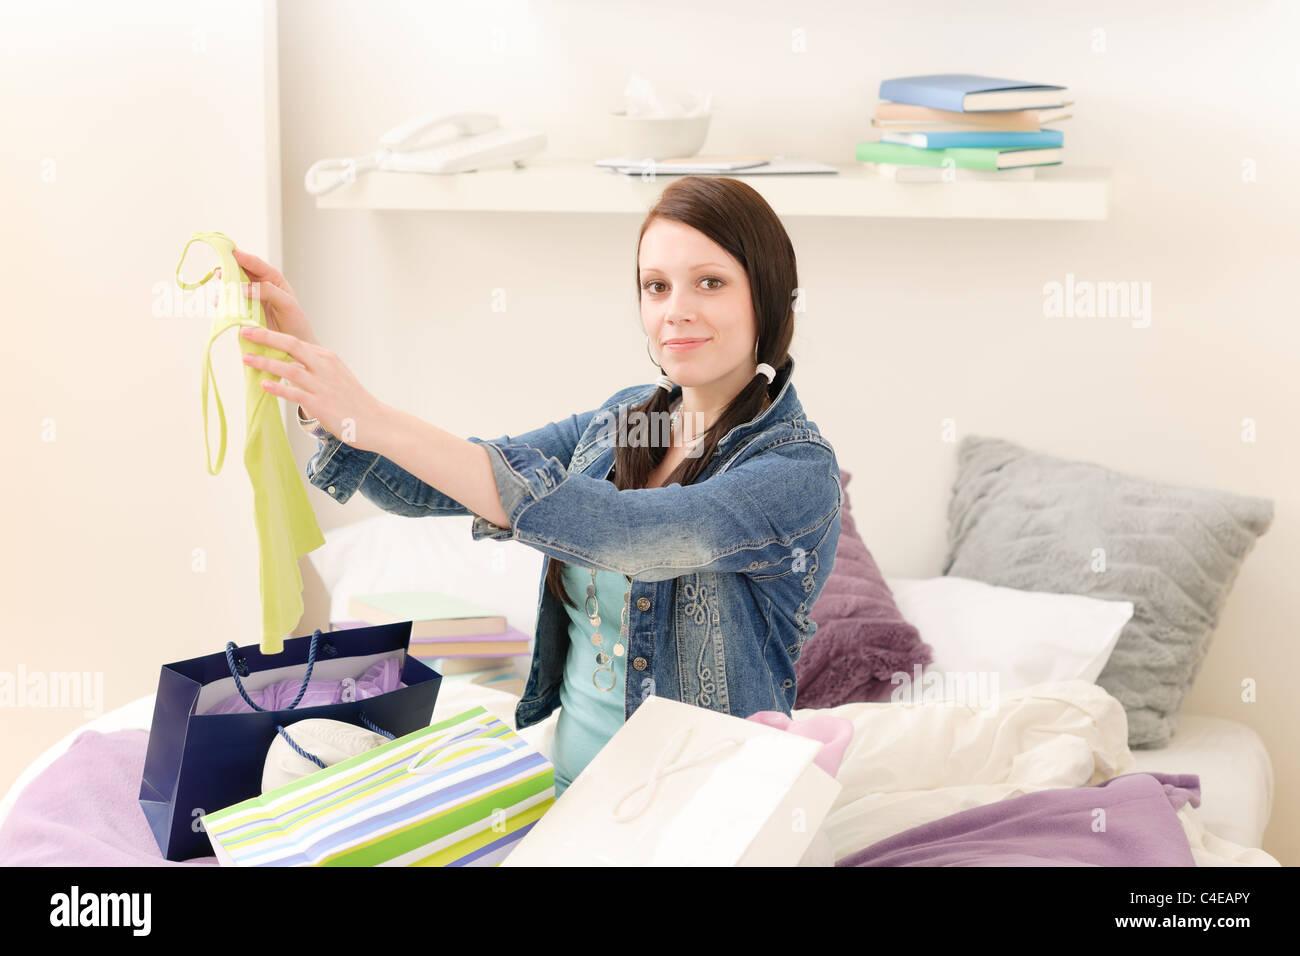 Les jeunes professionnels jolie fille déballer les sacs dans appartement d'étudiant Photo Stock